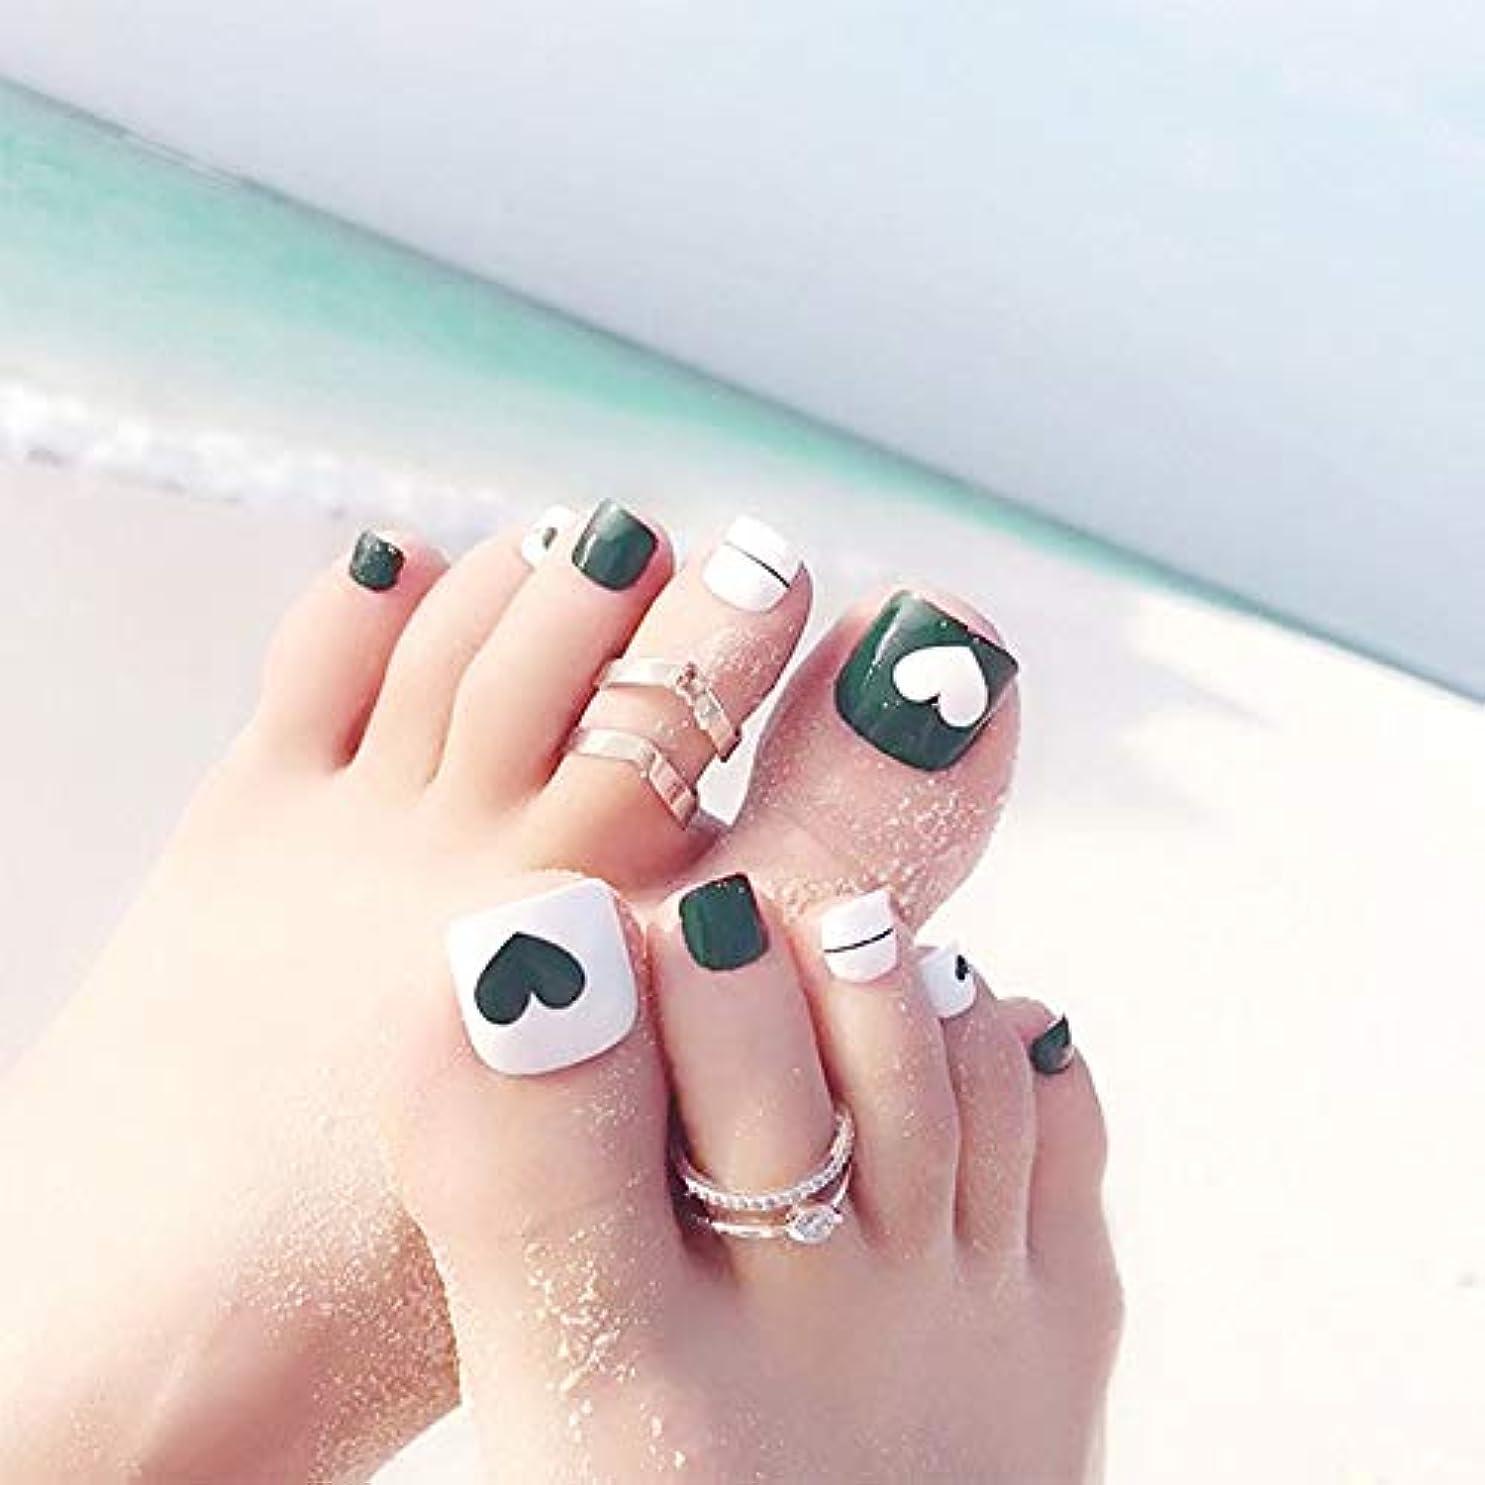 発表タイプライター鉛XUTXZKA 緑色のネイルアートのヒントホリデービーチフットフェイクネイルハート型のパターントレンディなつま先の爪